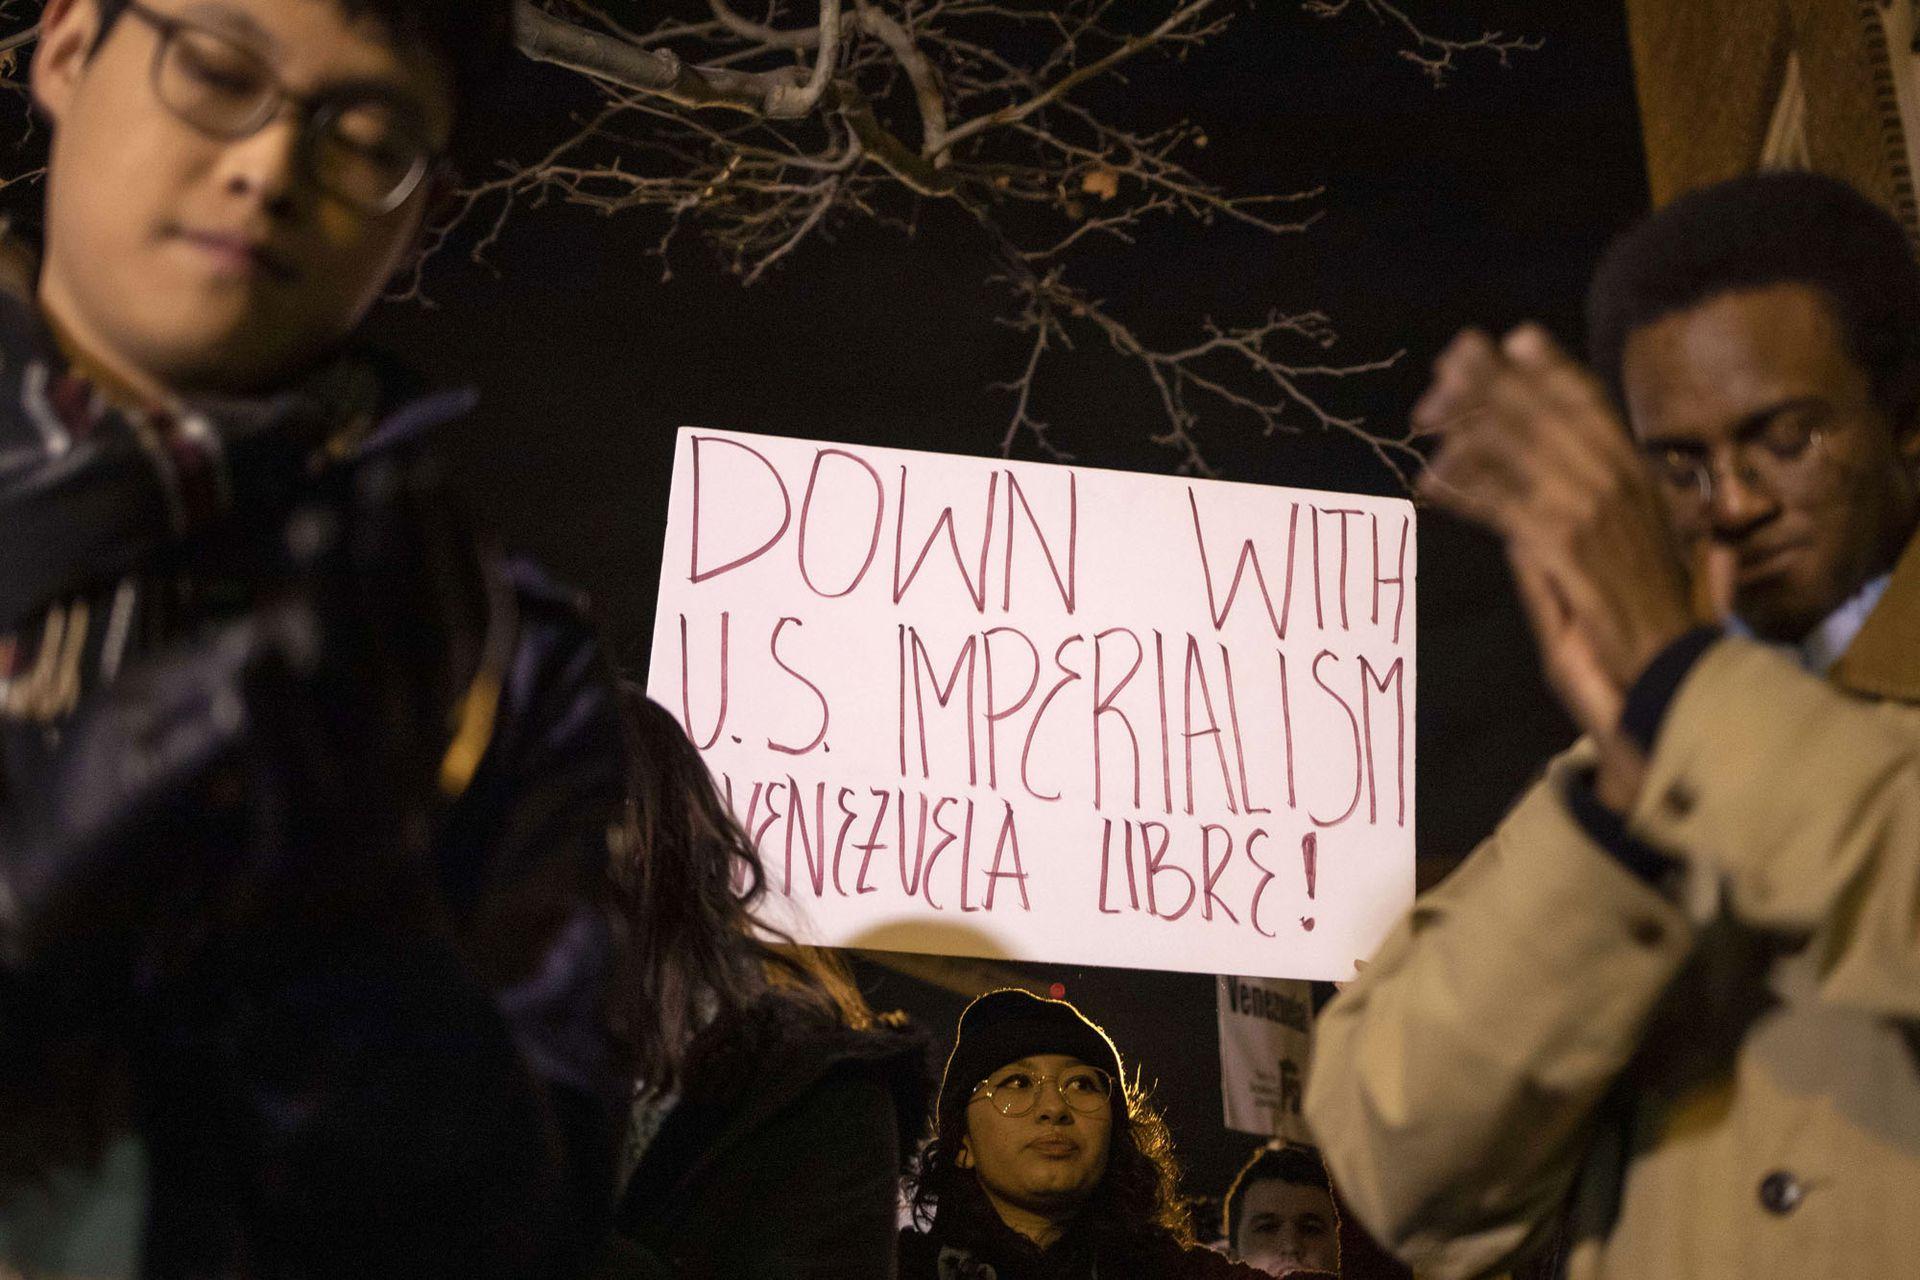 Manifestación pro-Maduro en Washington, D.C, EE.UU.